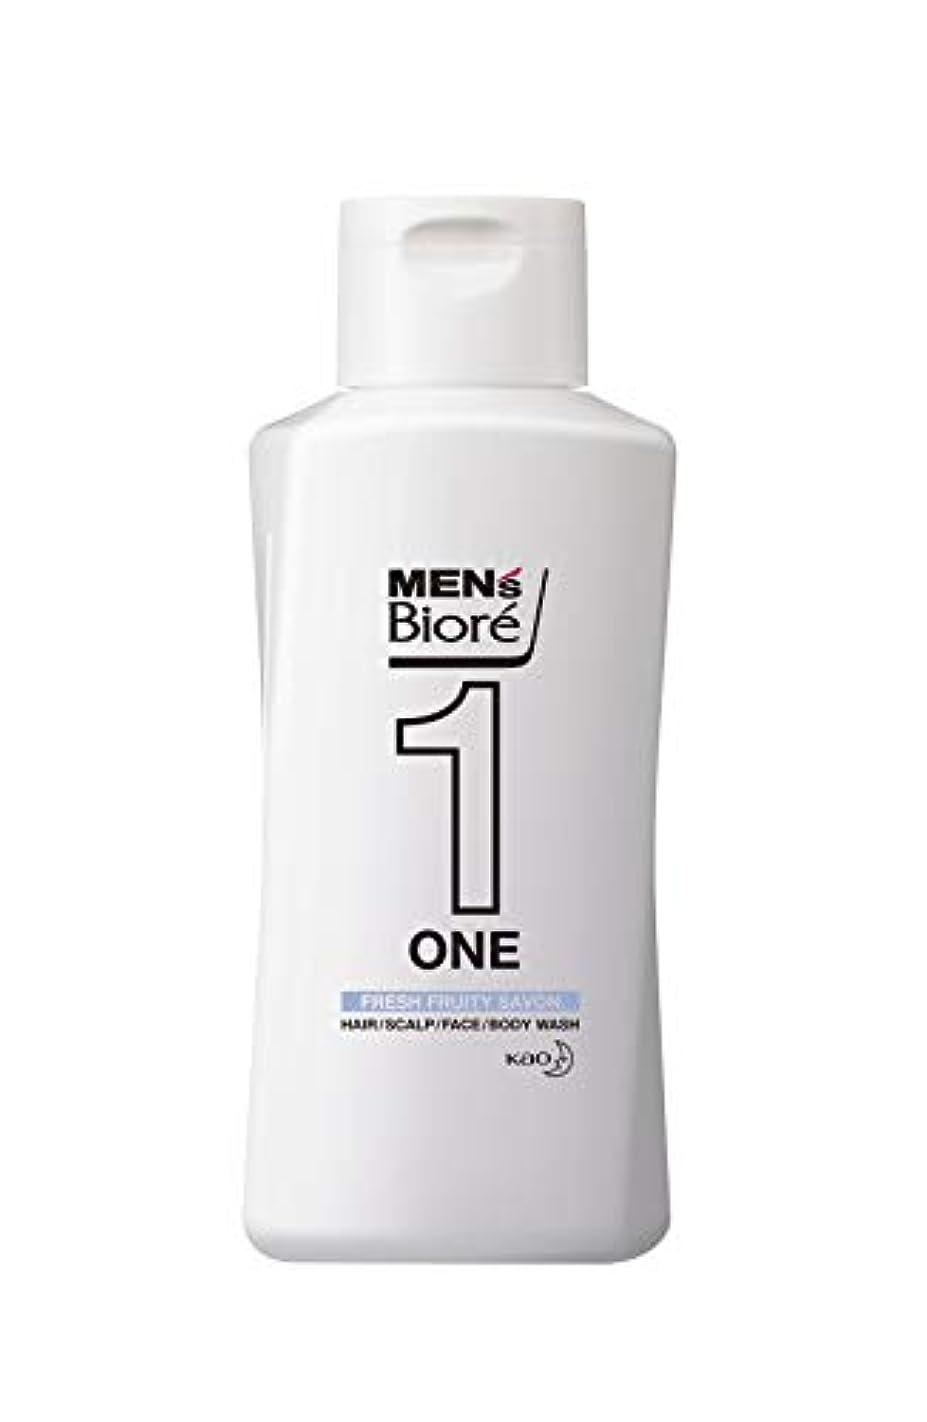 ミニシーン子供時代メンズビオレ ONE オールインワン全身洗浄料 フルーティーサボンの香り レギュラー 200ml